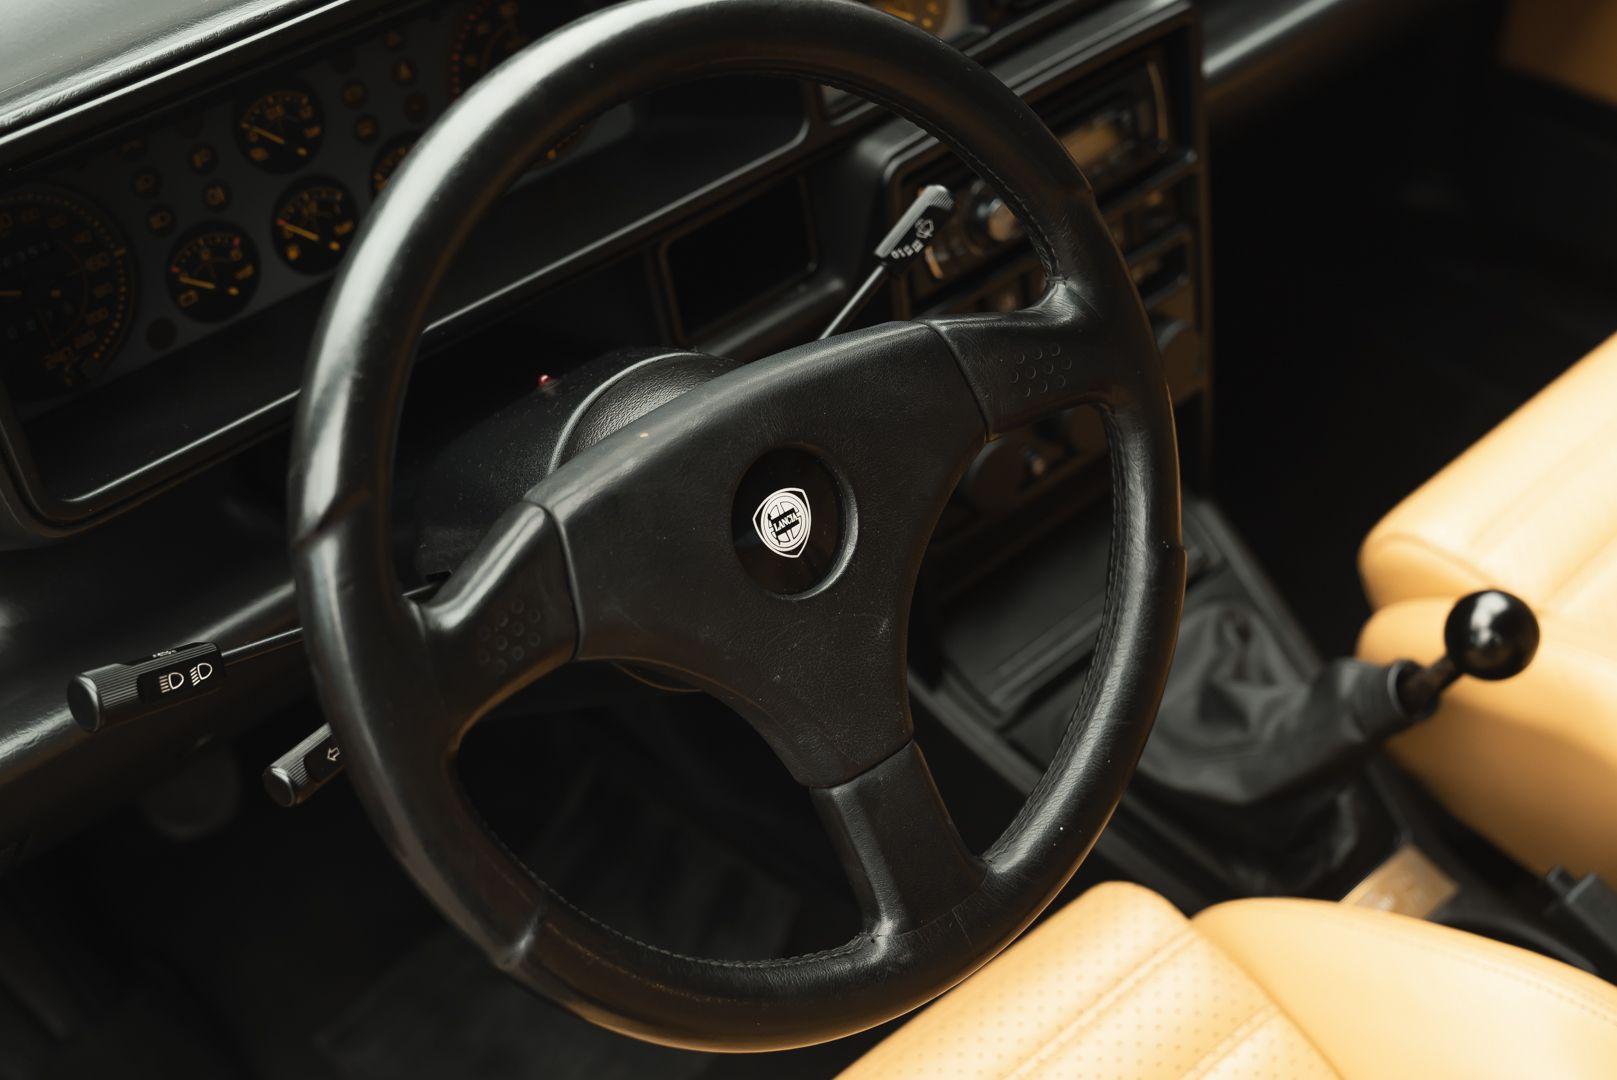 1992 Lancia Delta HF Integrale 16V Evo 1 - 79/250 84843